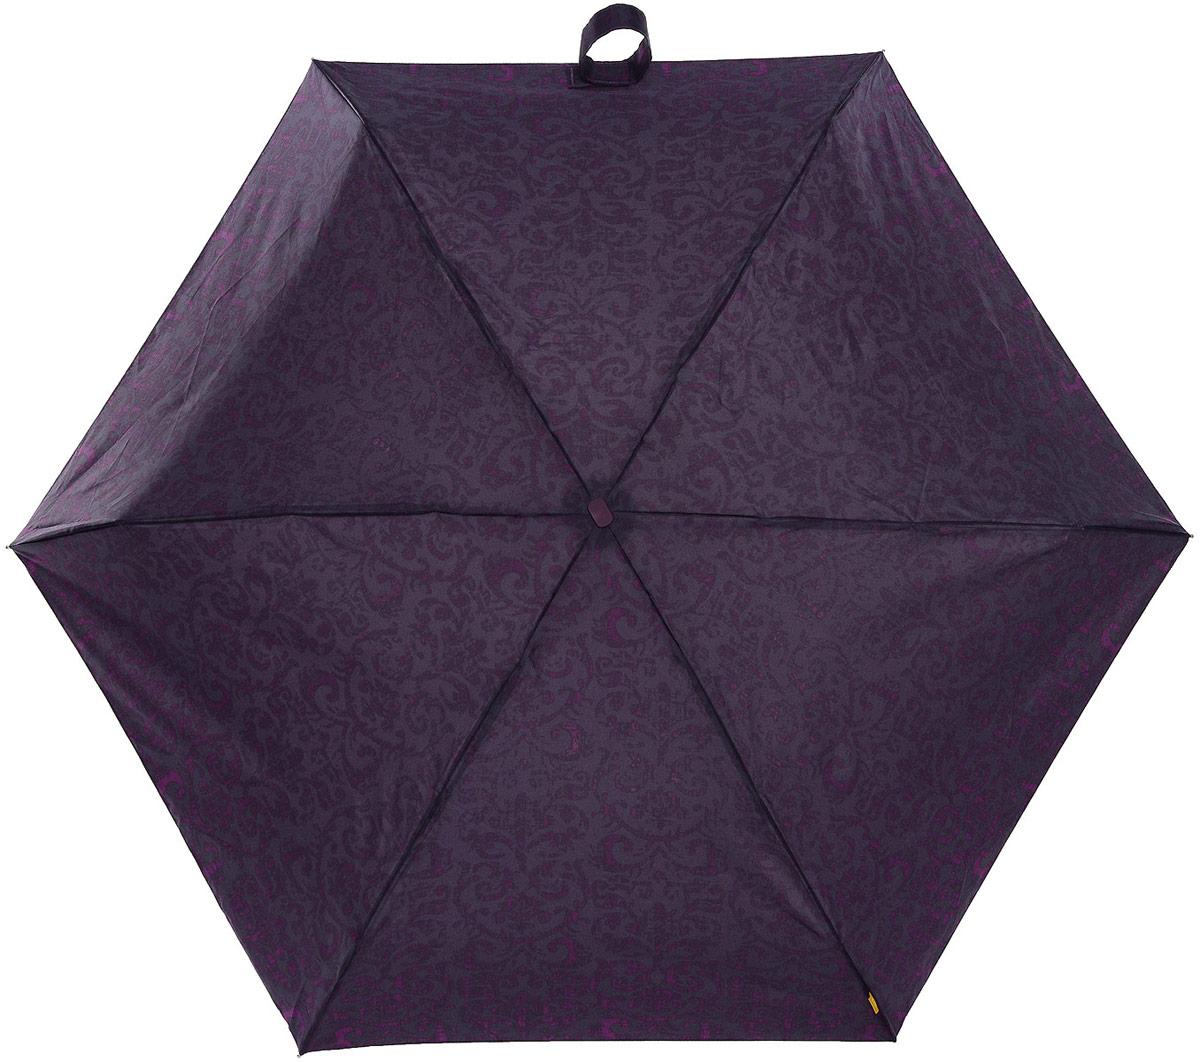 Зонт женский Zest, механический, 5 сложений, цвет: фиолетовый, серый. 25518-325Колье (короткие одноярусные бусы)Компактный женский зонт Zest выполнен из металла, пластика и оформлен ярким принтом.Каркас зонта выполнен из шести спиц на прочном стержне. На концах спиц предусмотрены металлические элементы, которые защитят владельца от травм. Купол зонта изготовлен прочного полиэстера. Закрытый купол застегивается на липучку хлястиком. Практичная рукоятка закругленной формы разработана с учетом требований эргономики и выполнена из пластика.Зонт складывается и раскладывается механическим способом.Такой зонт не только надежно защитит от дождя, но и станет стильным аксессуаром.